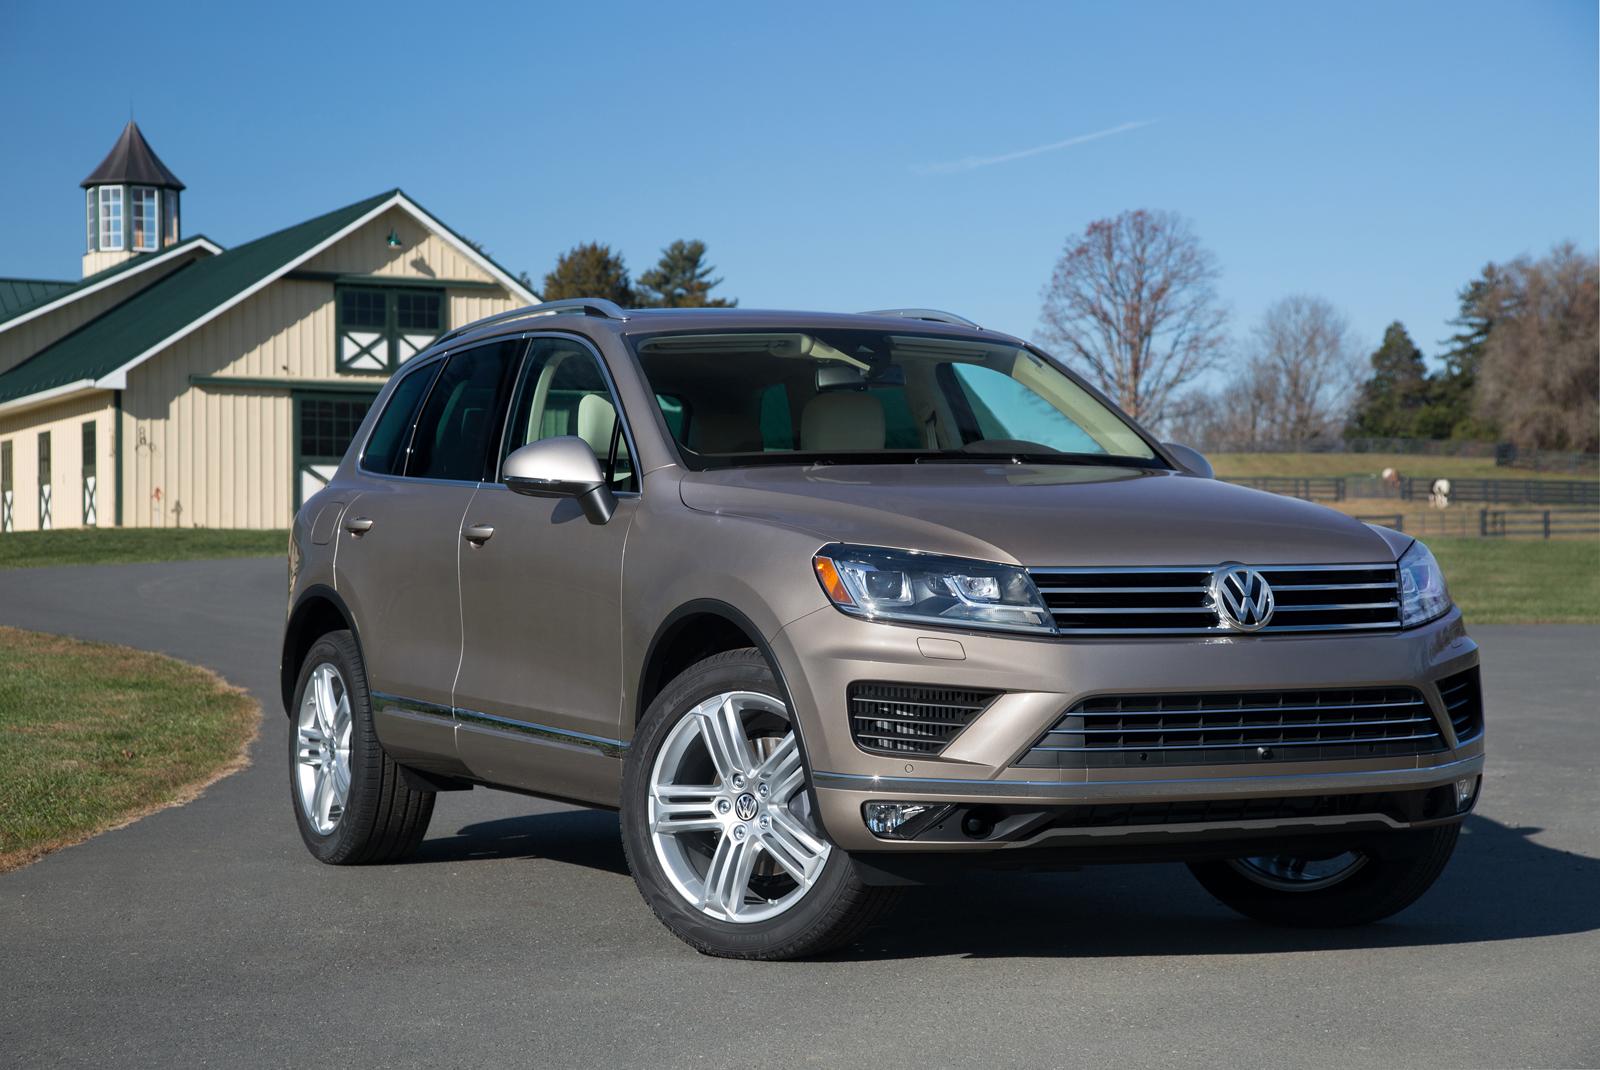 Volkswagen Touareg больше не будет продаваться в США